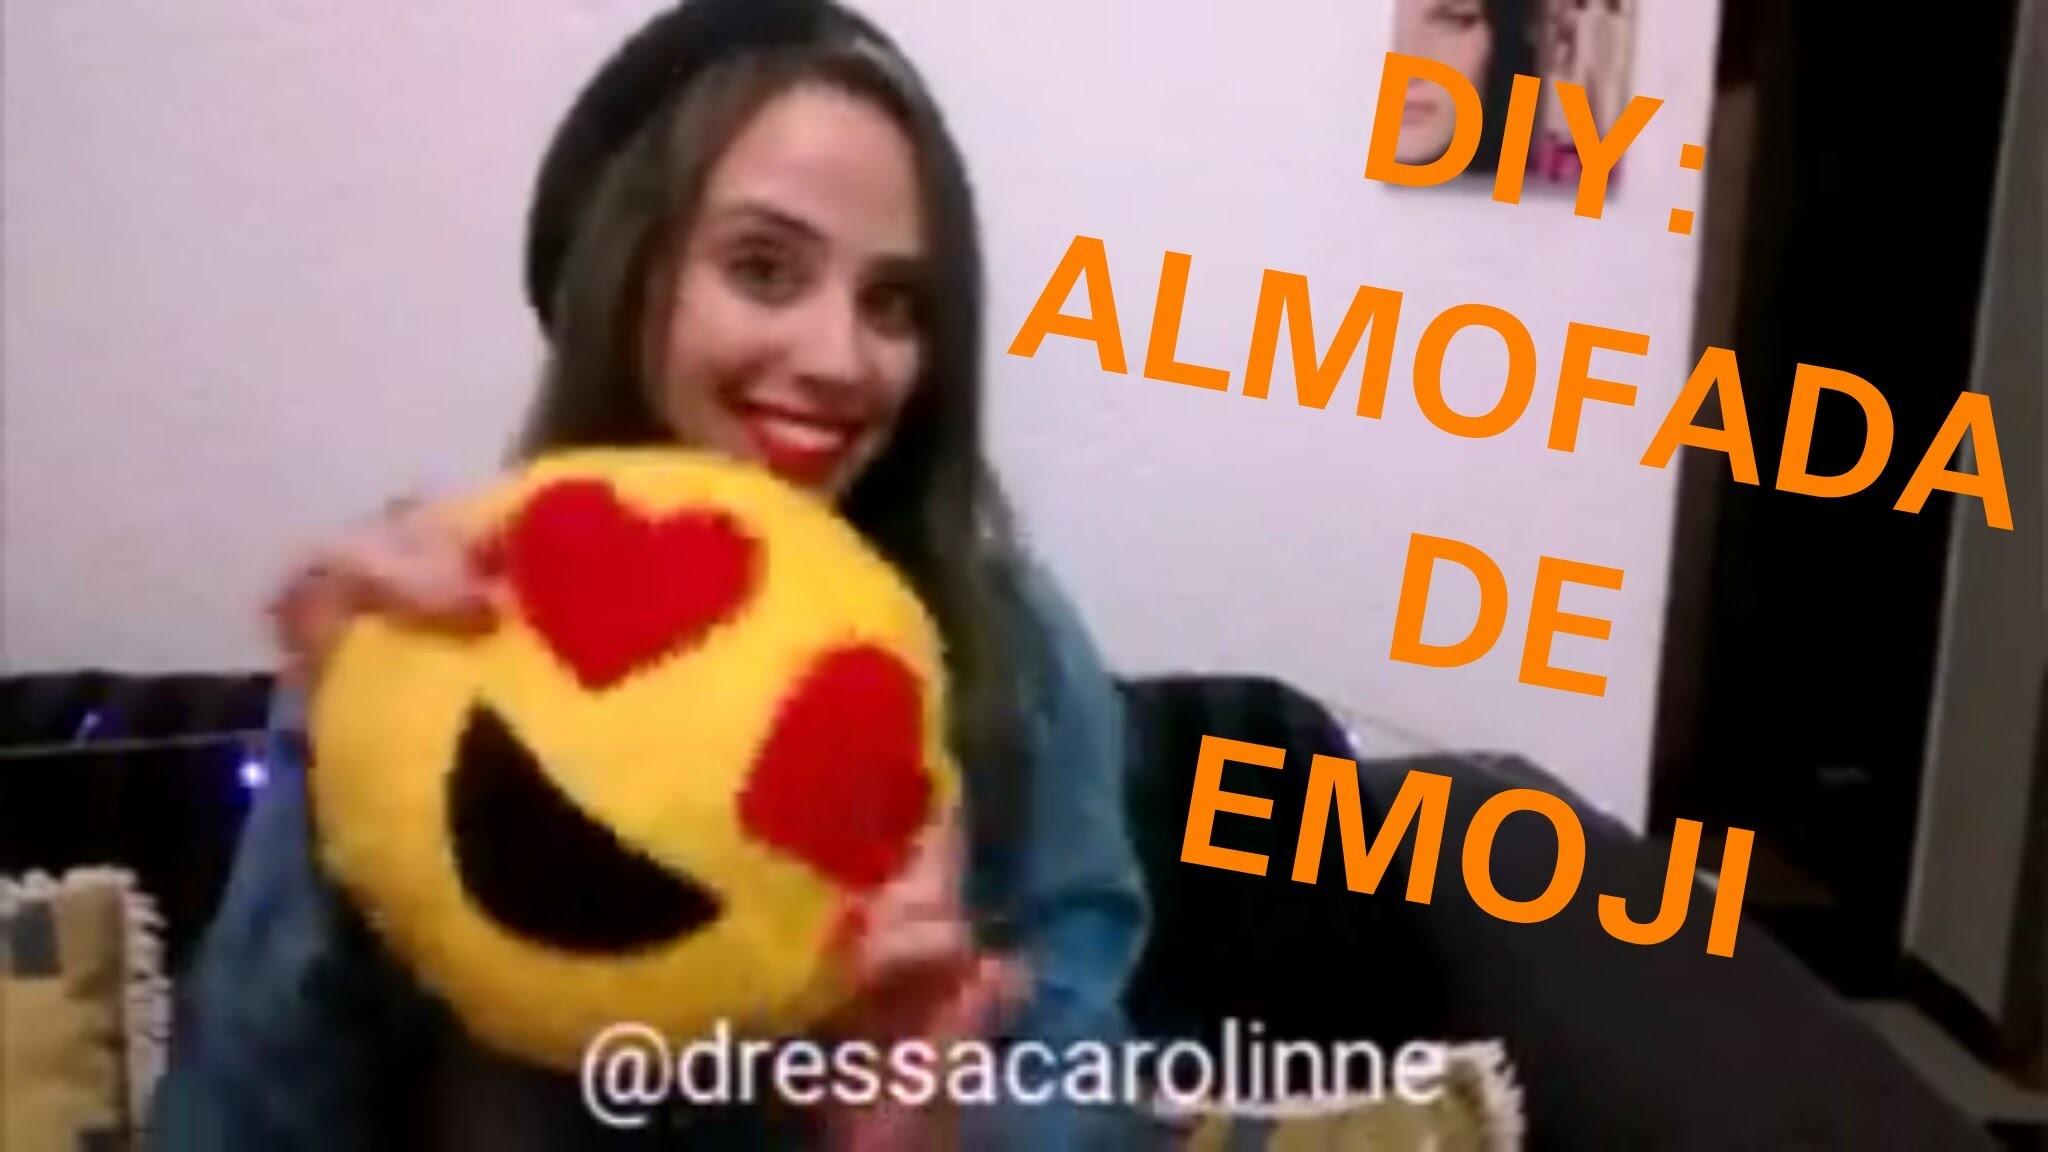 DIY: Almofada de Emoji - FAÇA VOCÊ MESMO!